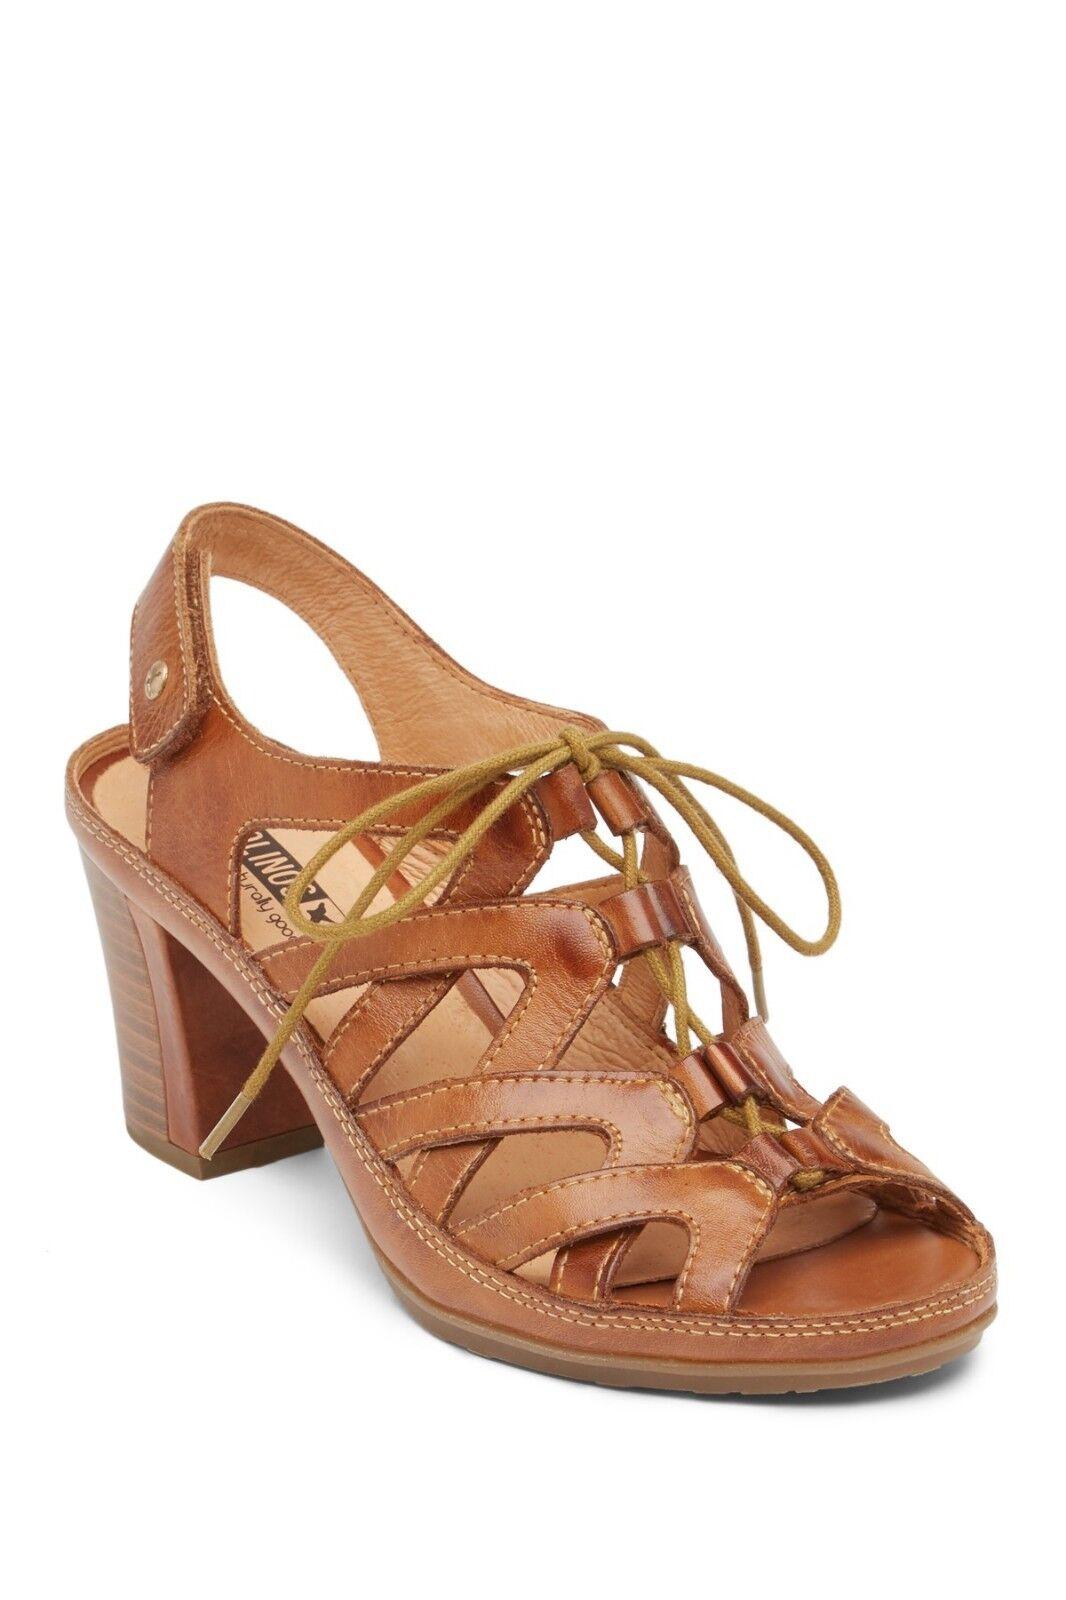 New Pikolinos JAVA Lace Up Leather Comfort Heel Heel Heel Sandal Women's 40  9 BRANDY  170 b1360d